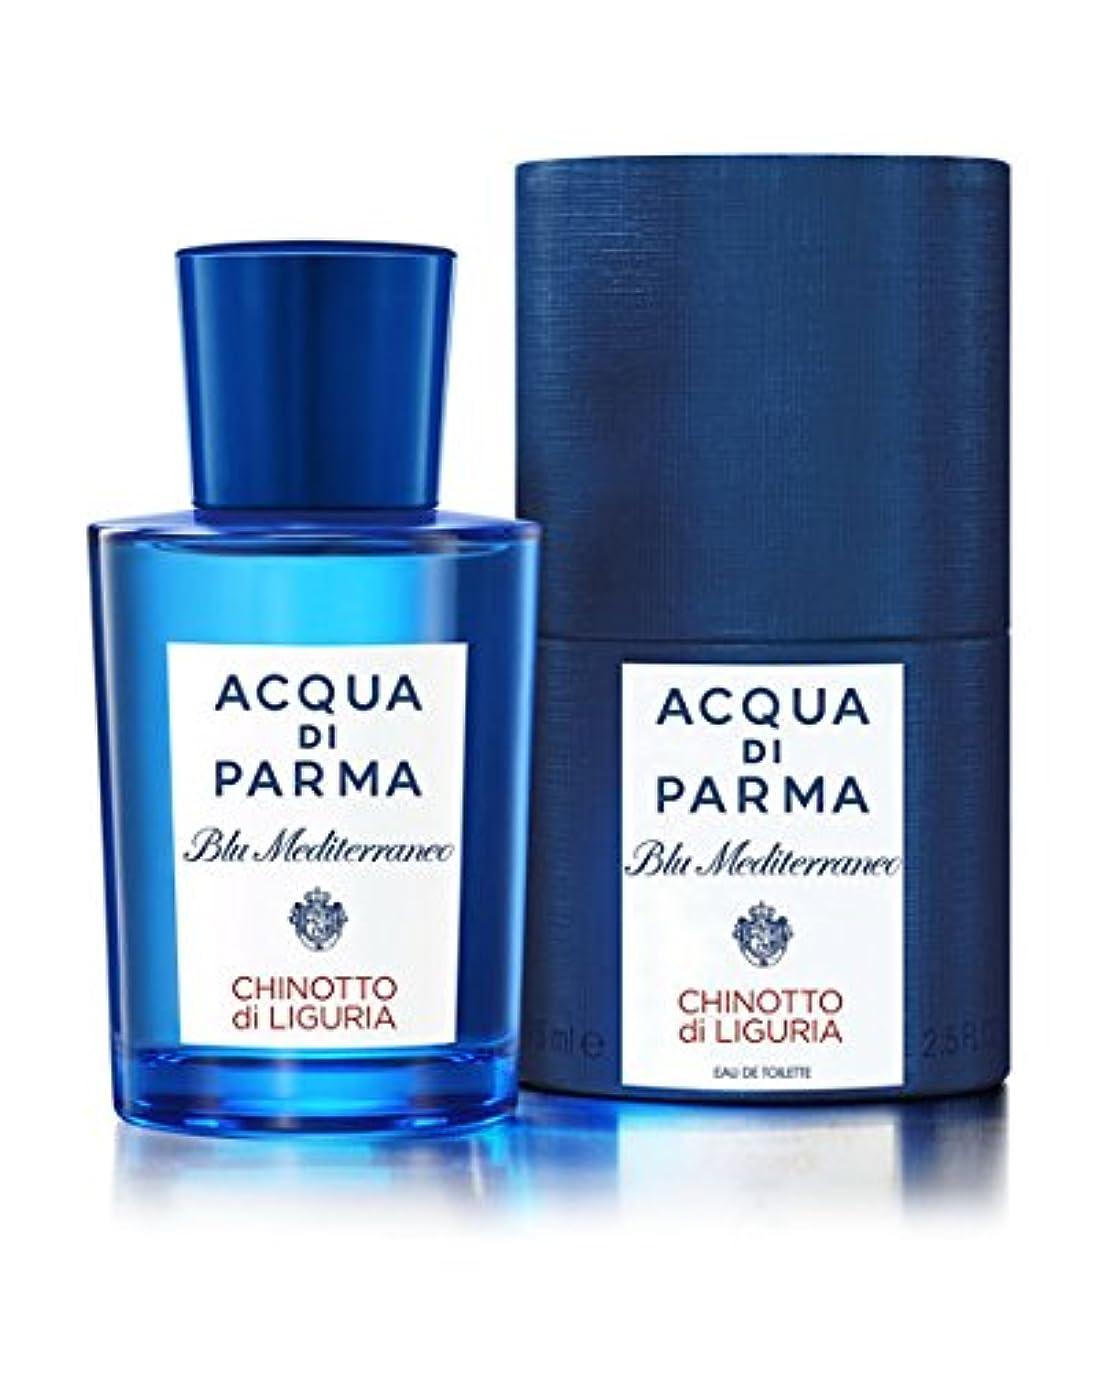 踊り子スカープ好意的Blu Mediterraneo Chinotto Di Liguria (ブルー メディタラーネオ チノットディリグリア) 5.0 oz (150ml) EDT Spray by Acqua di Parma